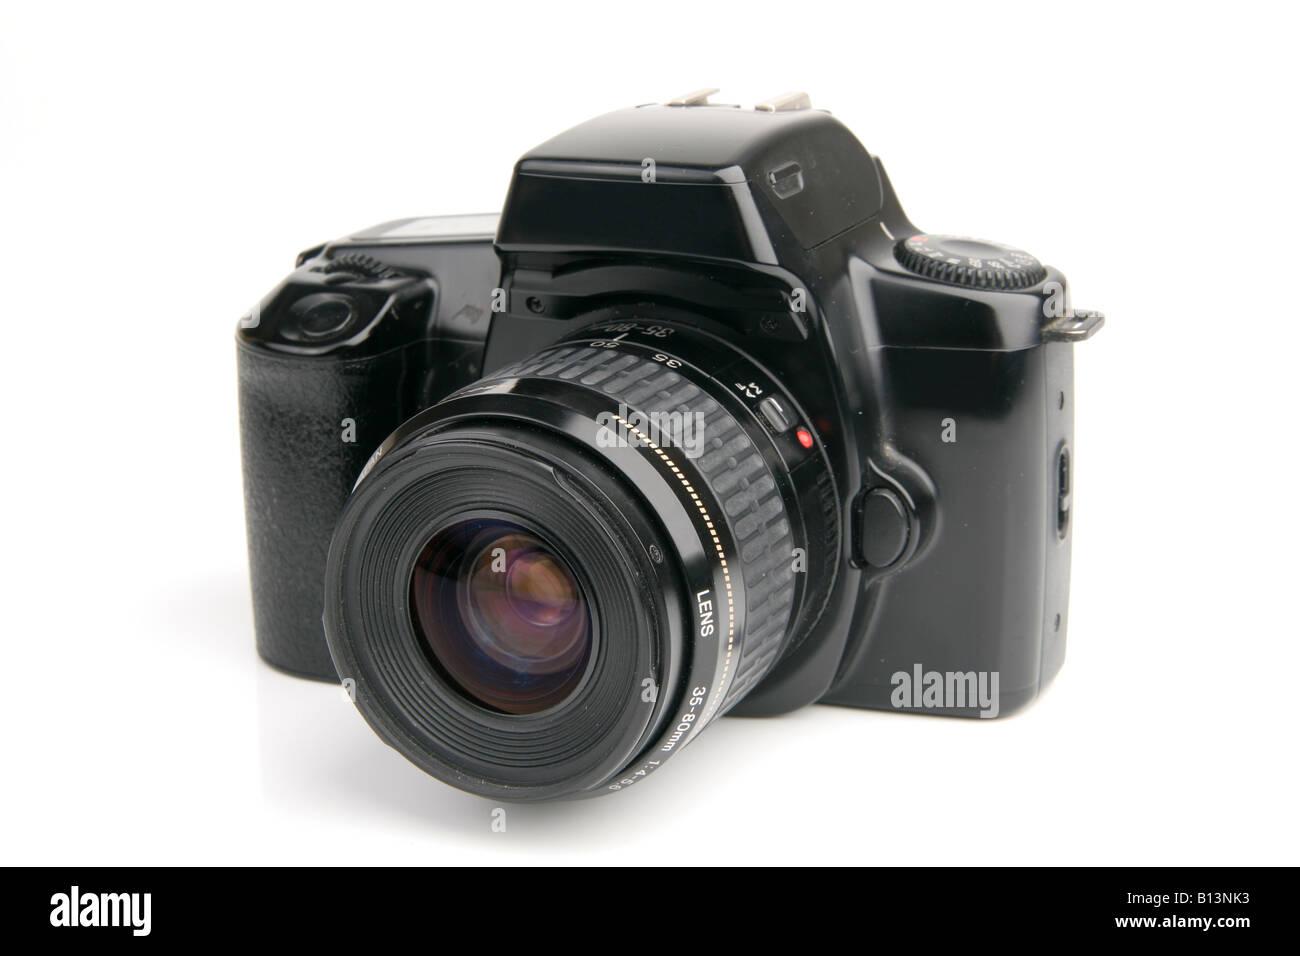 Fotocamera reflex su bianco Immagini Stock